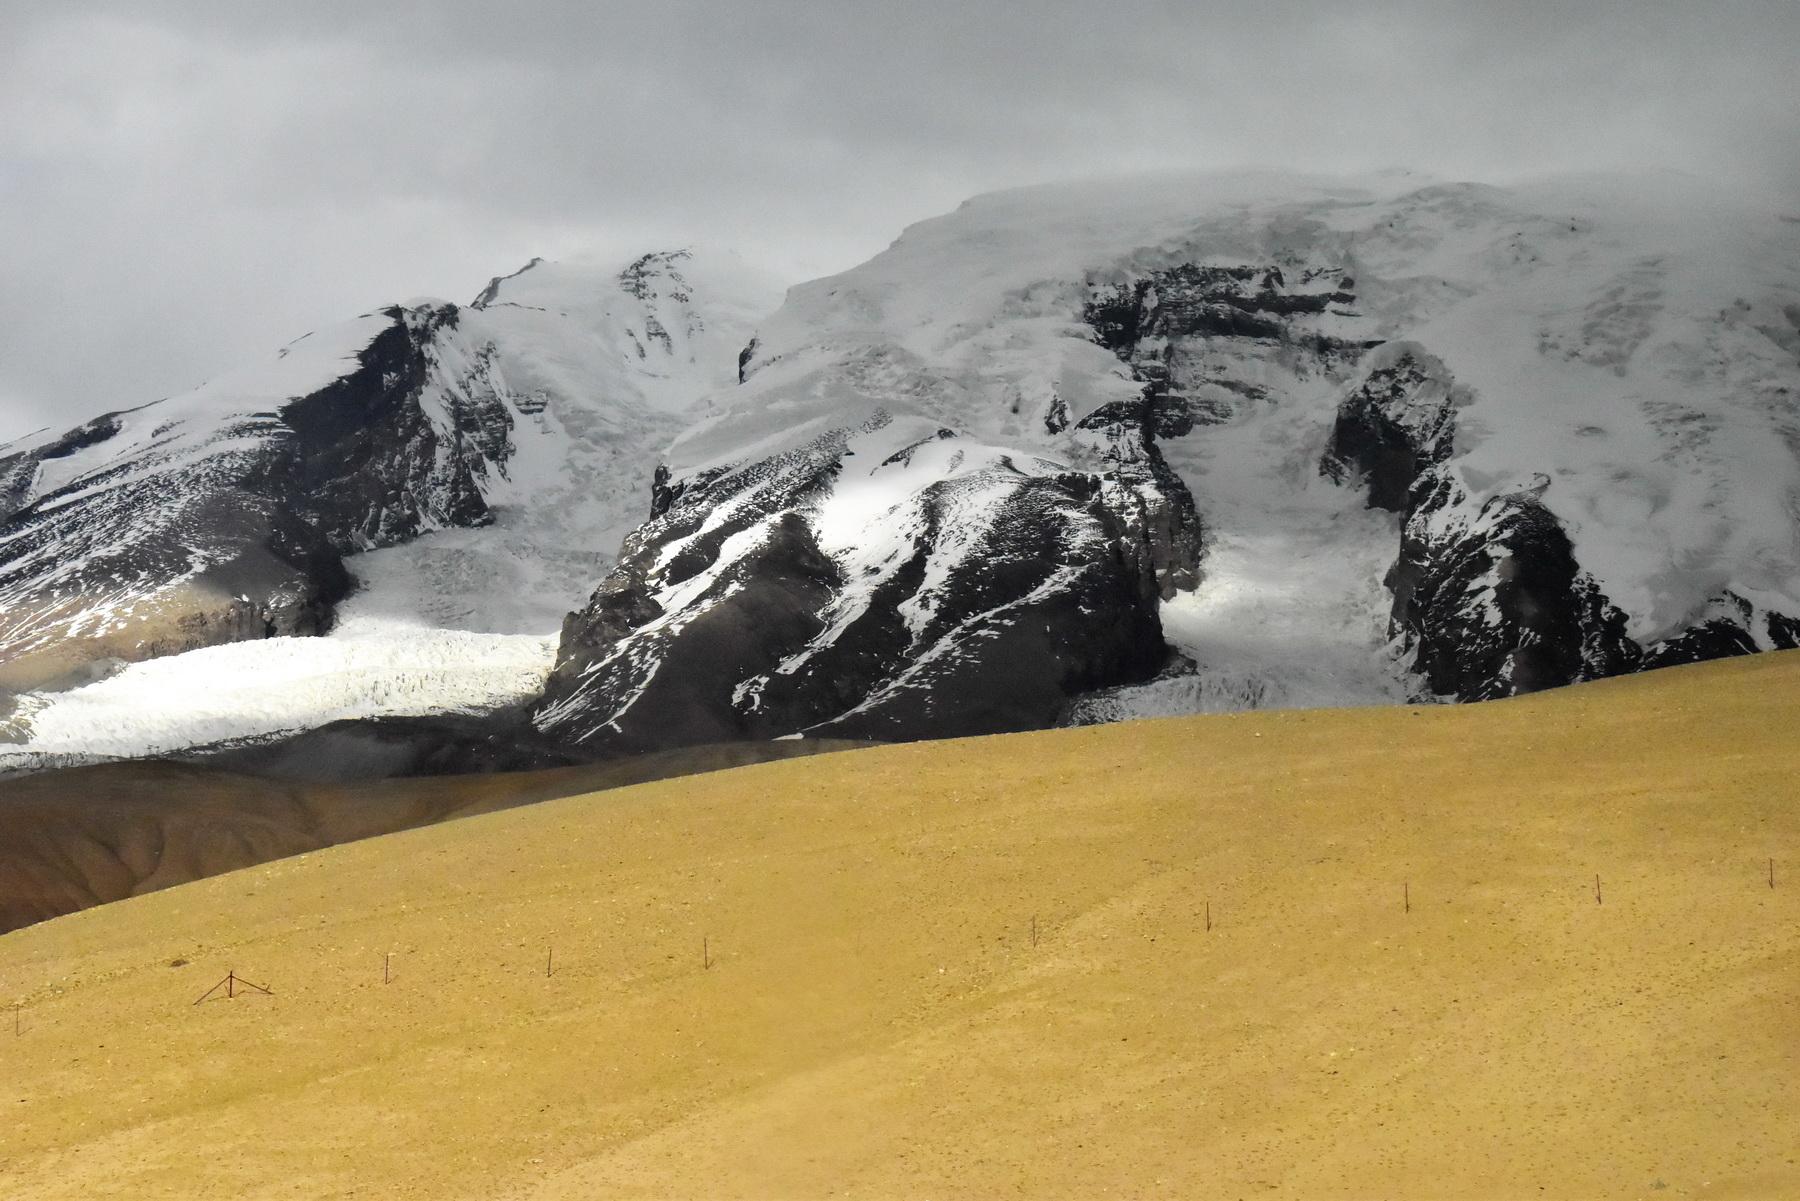 ההרים השמימיים של דרך המשי